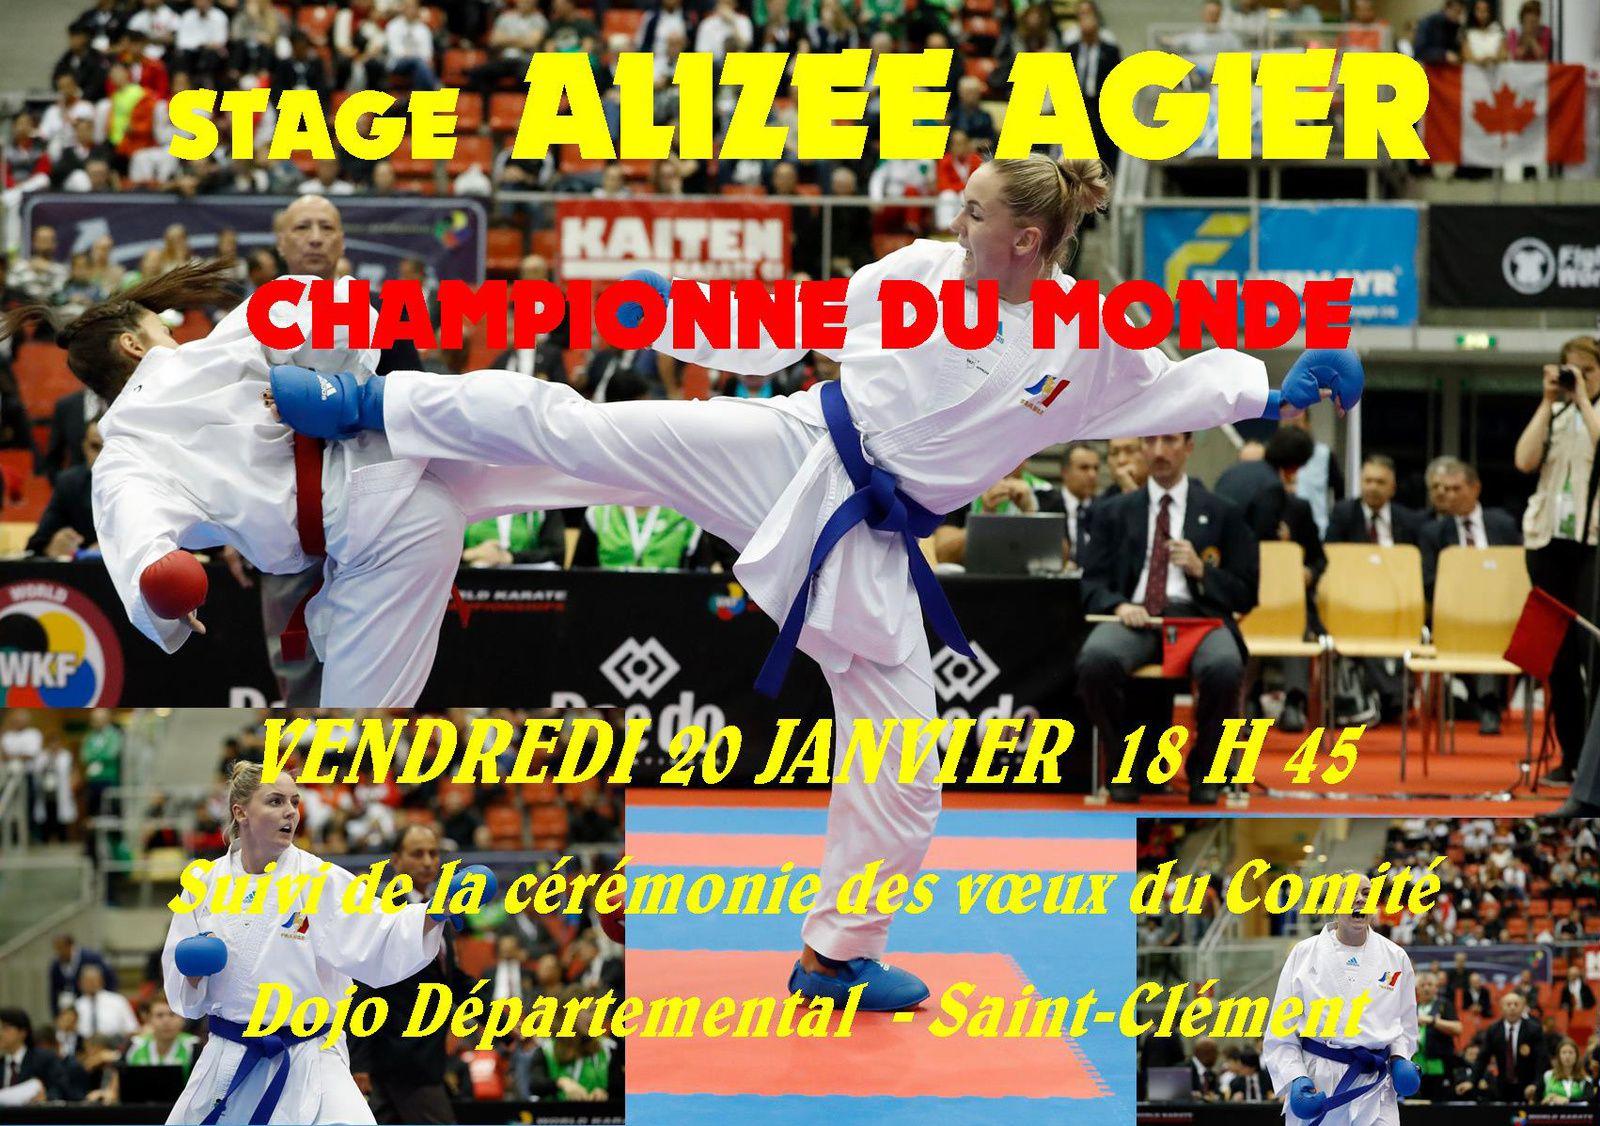 La championne du Monde Amizée AGIER au Dojo Départemental